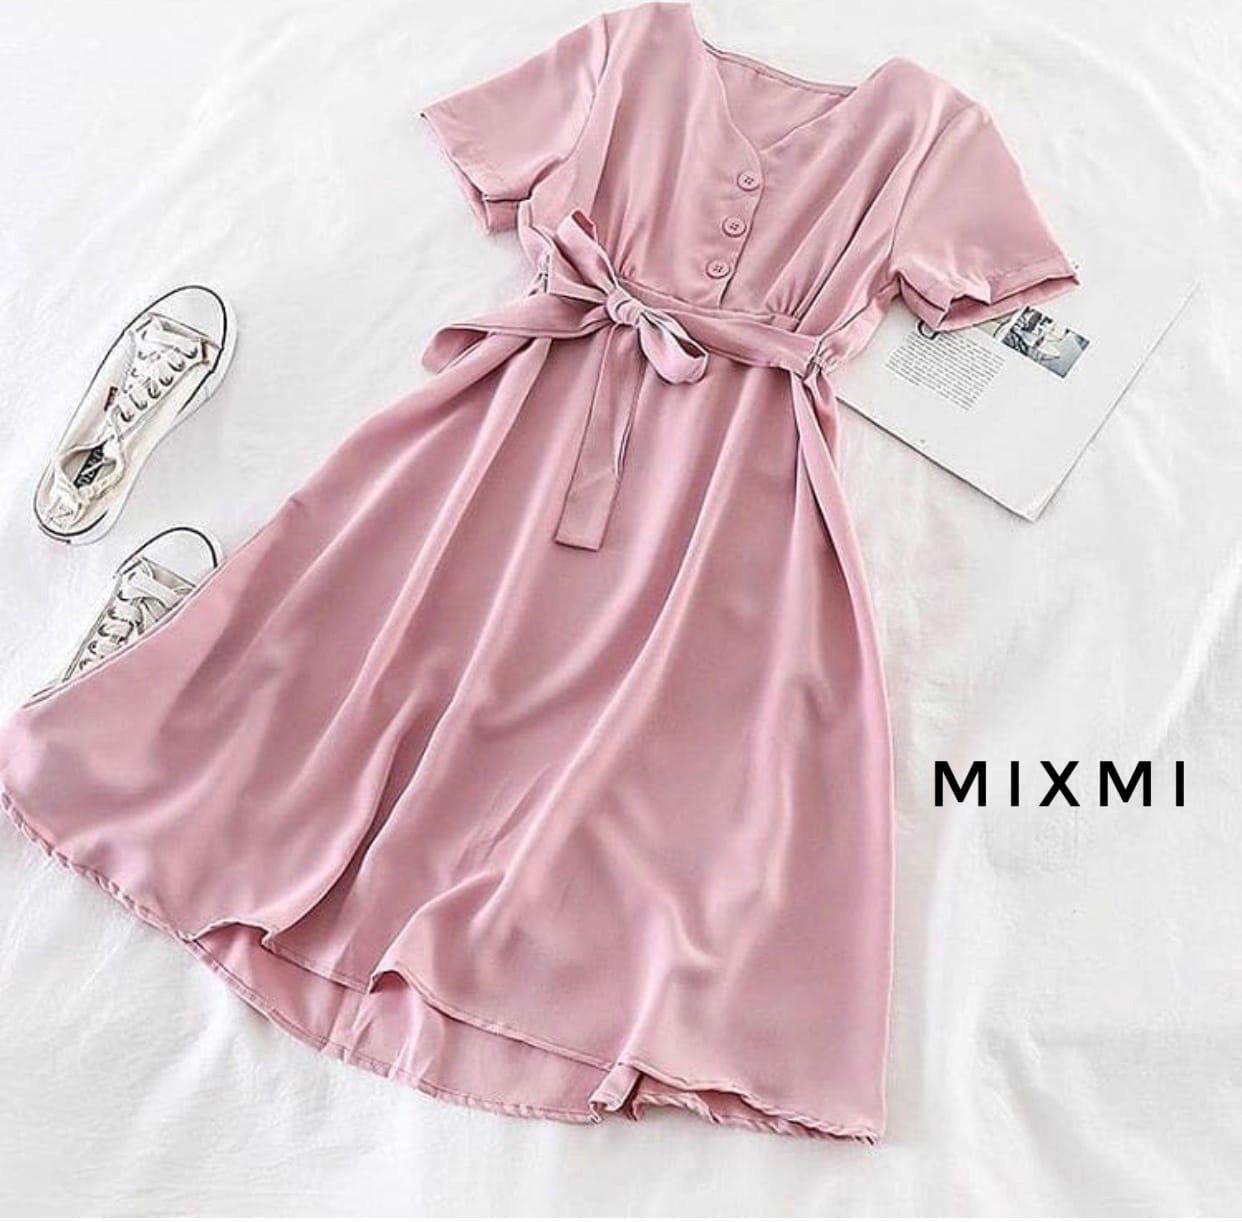 Жіноче плаття, софт, р-р 42-44; 44-46 (рожевий)